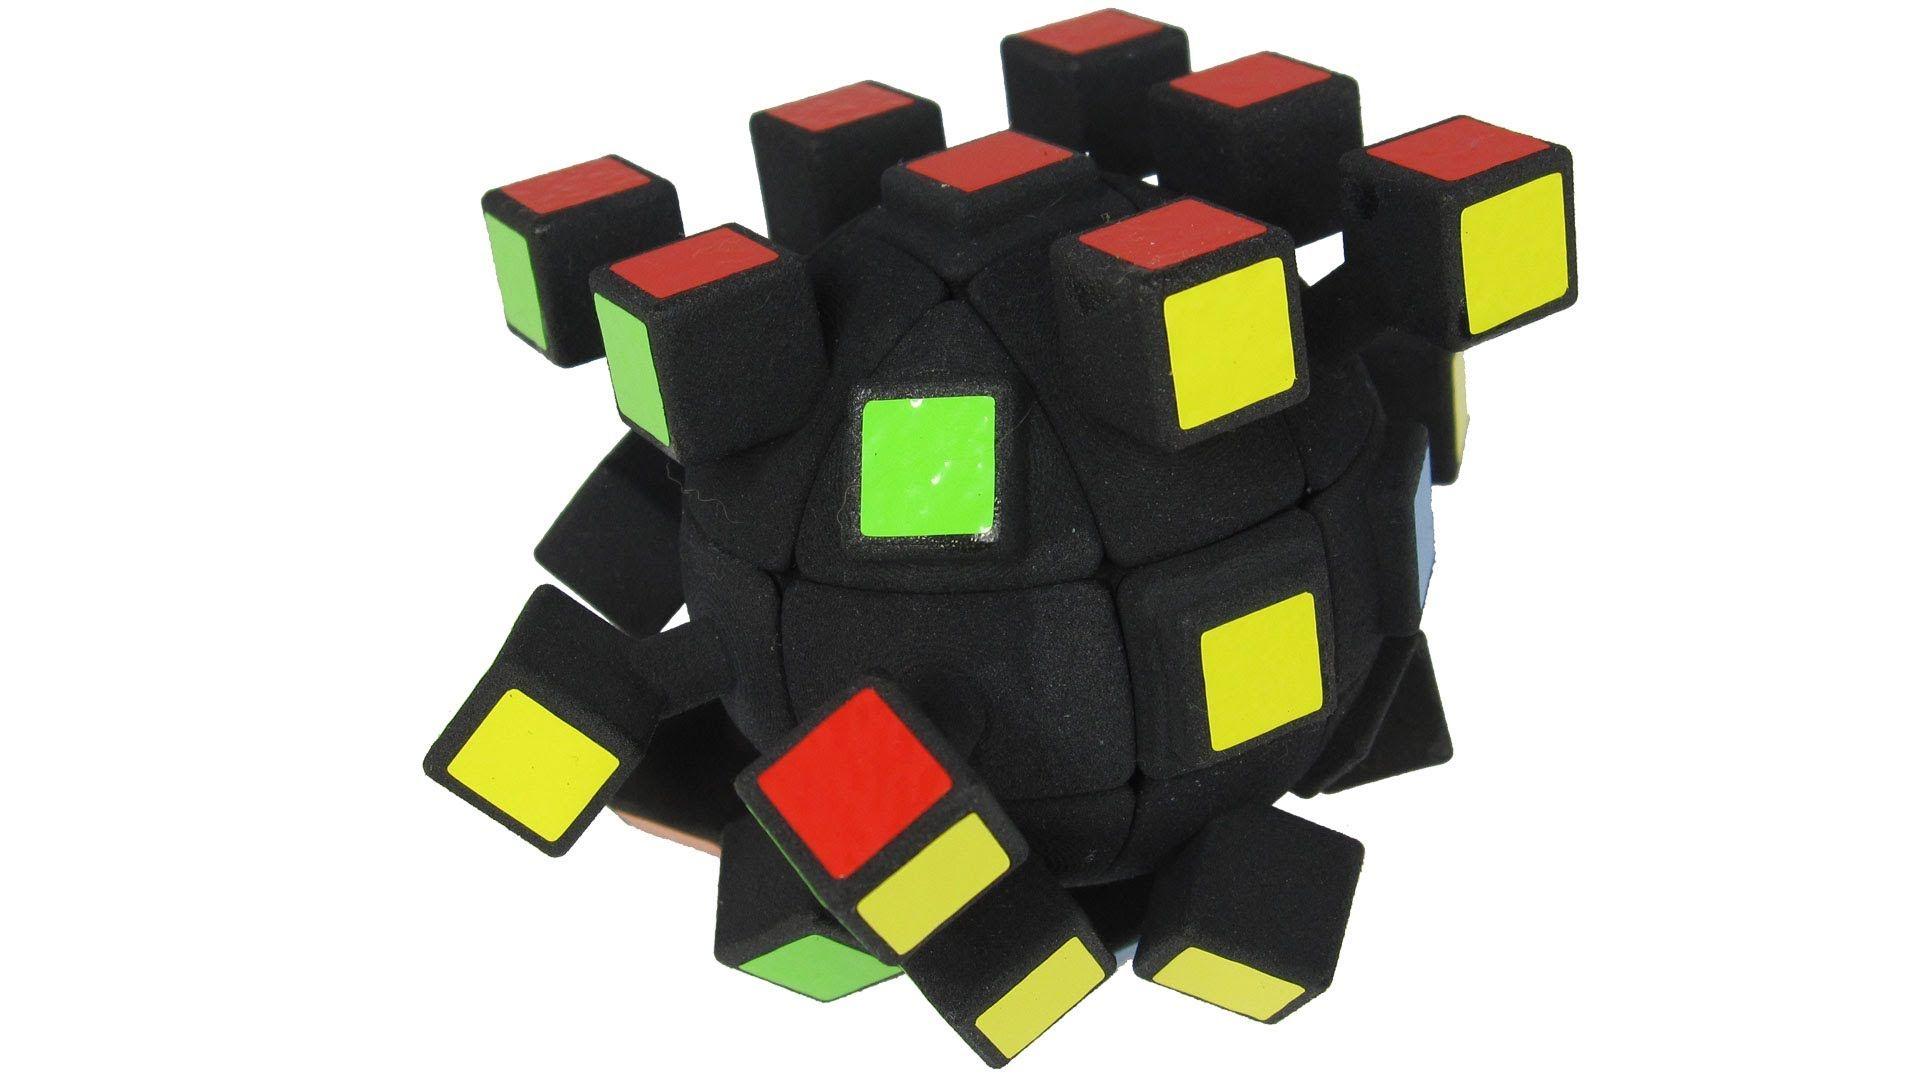 Anarchy Cube